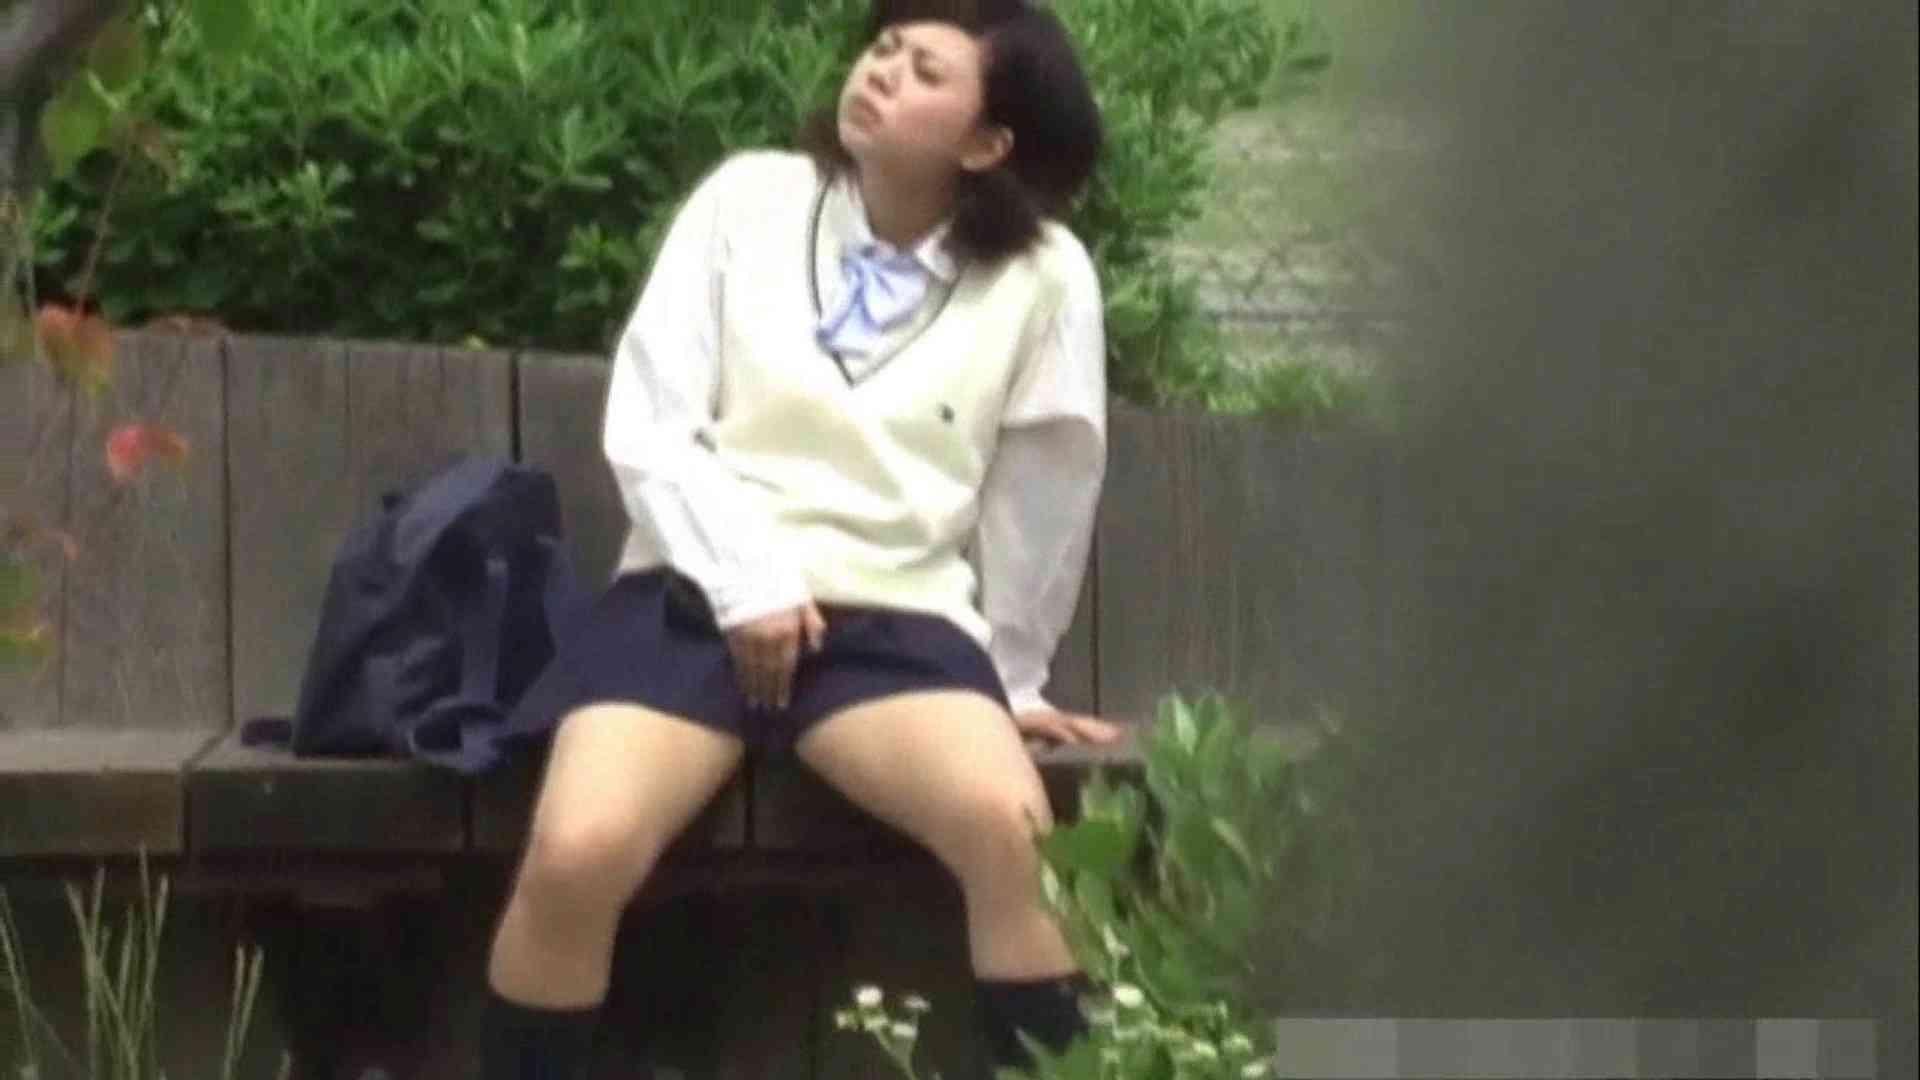 アヘ顔のわたしってどうかしら Vol.043 美女 セックス無修正動画無料 61pic 17